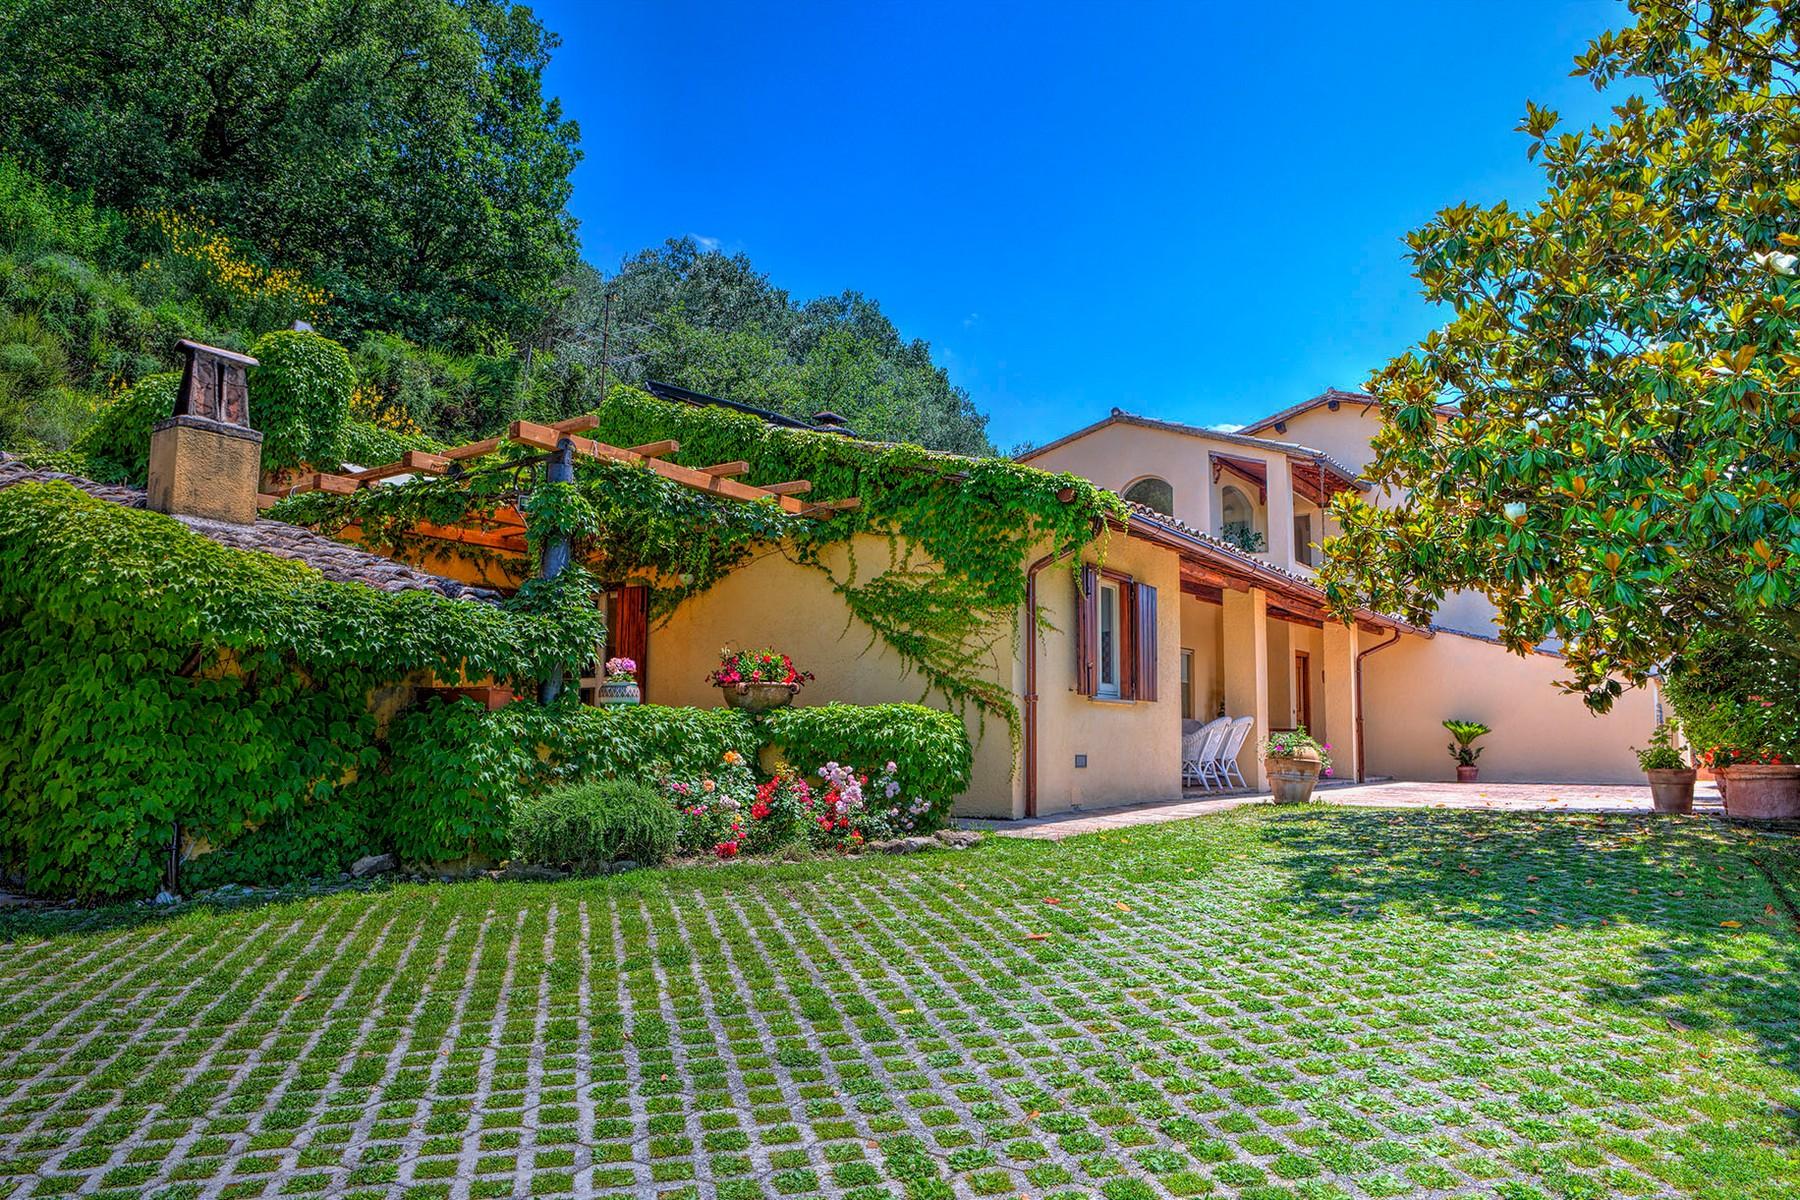 Villa in Vendita a Foligno: 5 locali, 350 mq - Foto 21